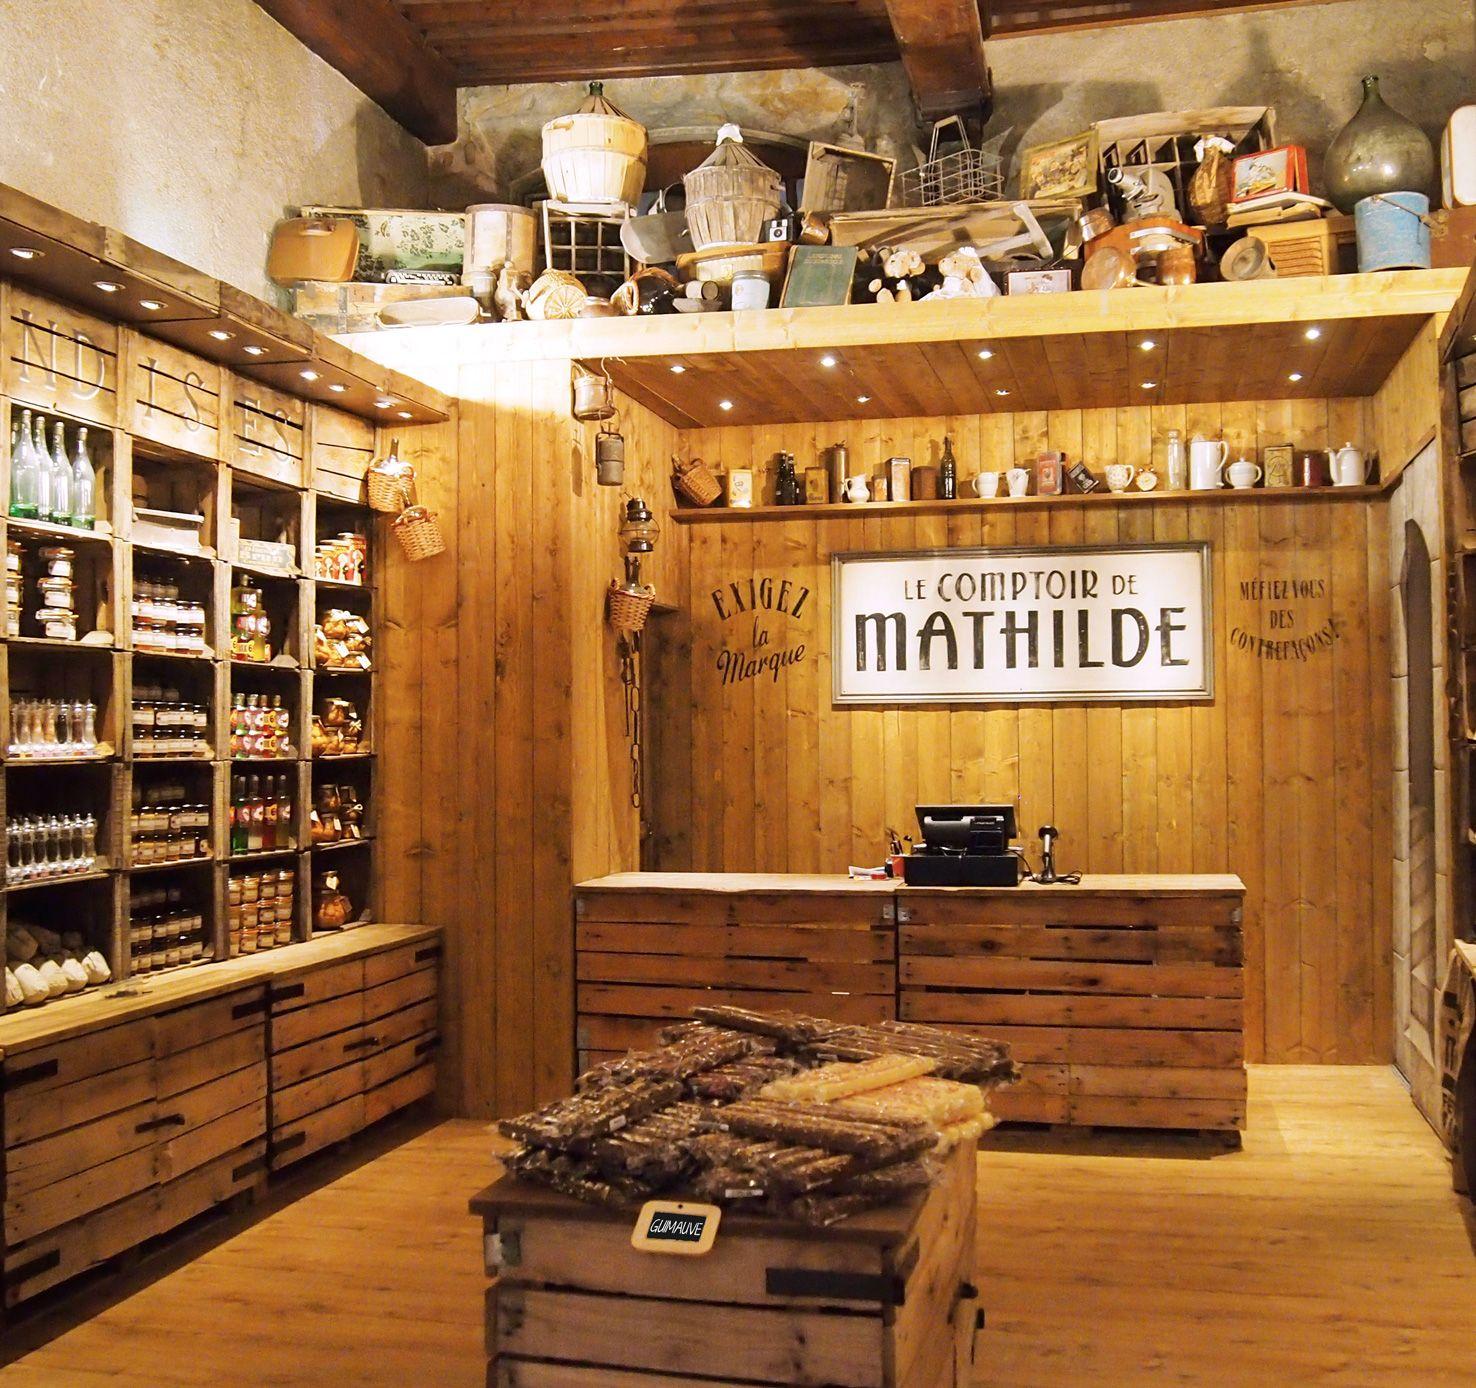 Le comptoir de mathilde 15 ter rue saint jean lyon ouvert 7j 7 de 10h30 19h30 caisse xxl - Comptoir des cotonniers st etienne ...